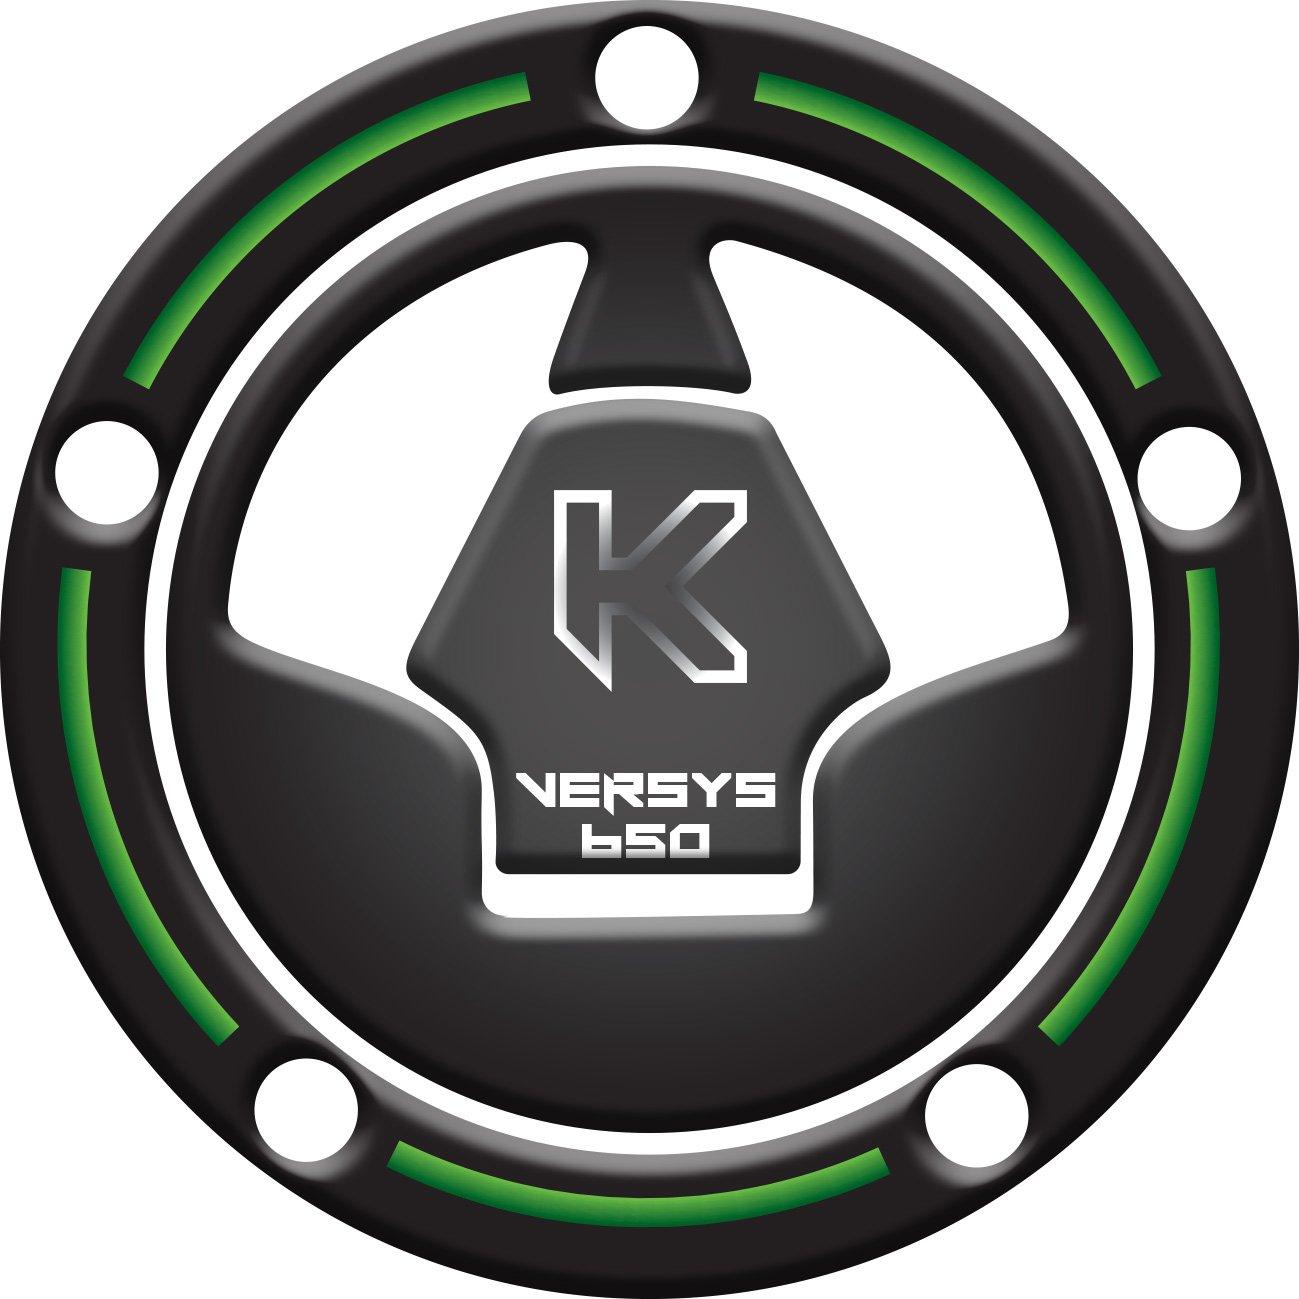 ADHÉSIF 3D RÉSERVOIR RÉSISTANT À CAPUCHON PROTECTEUR compatible pour MOTOCYCLE ,,Versys 650 vert,, Tankpad